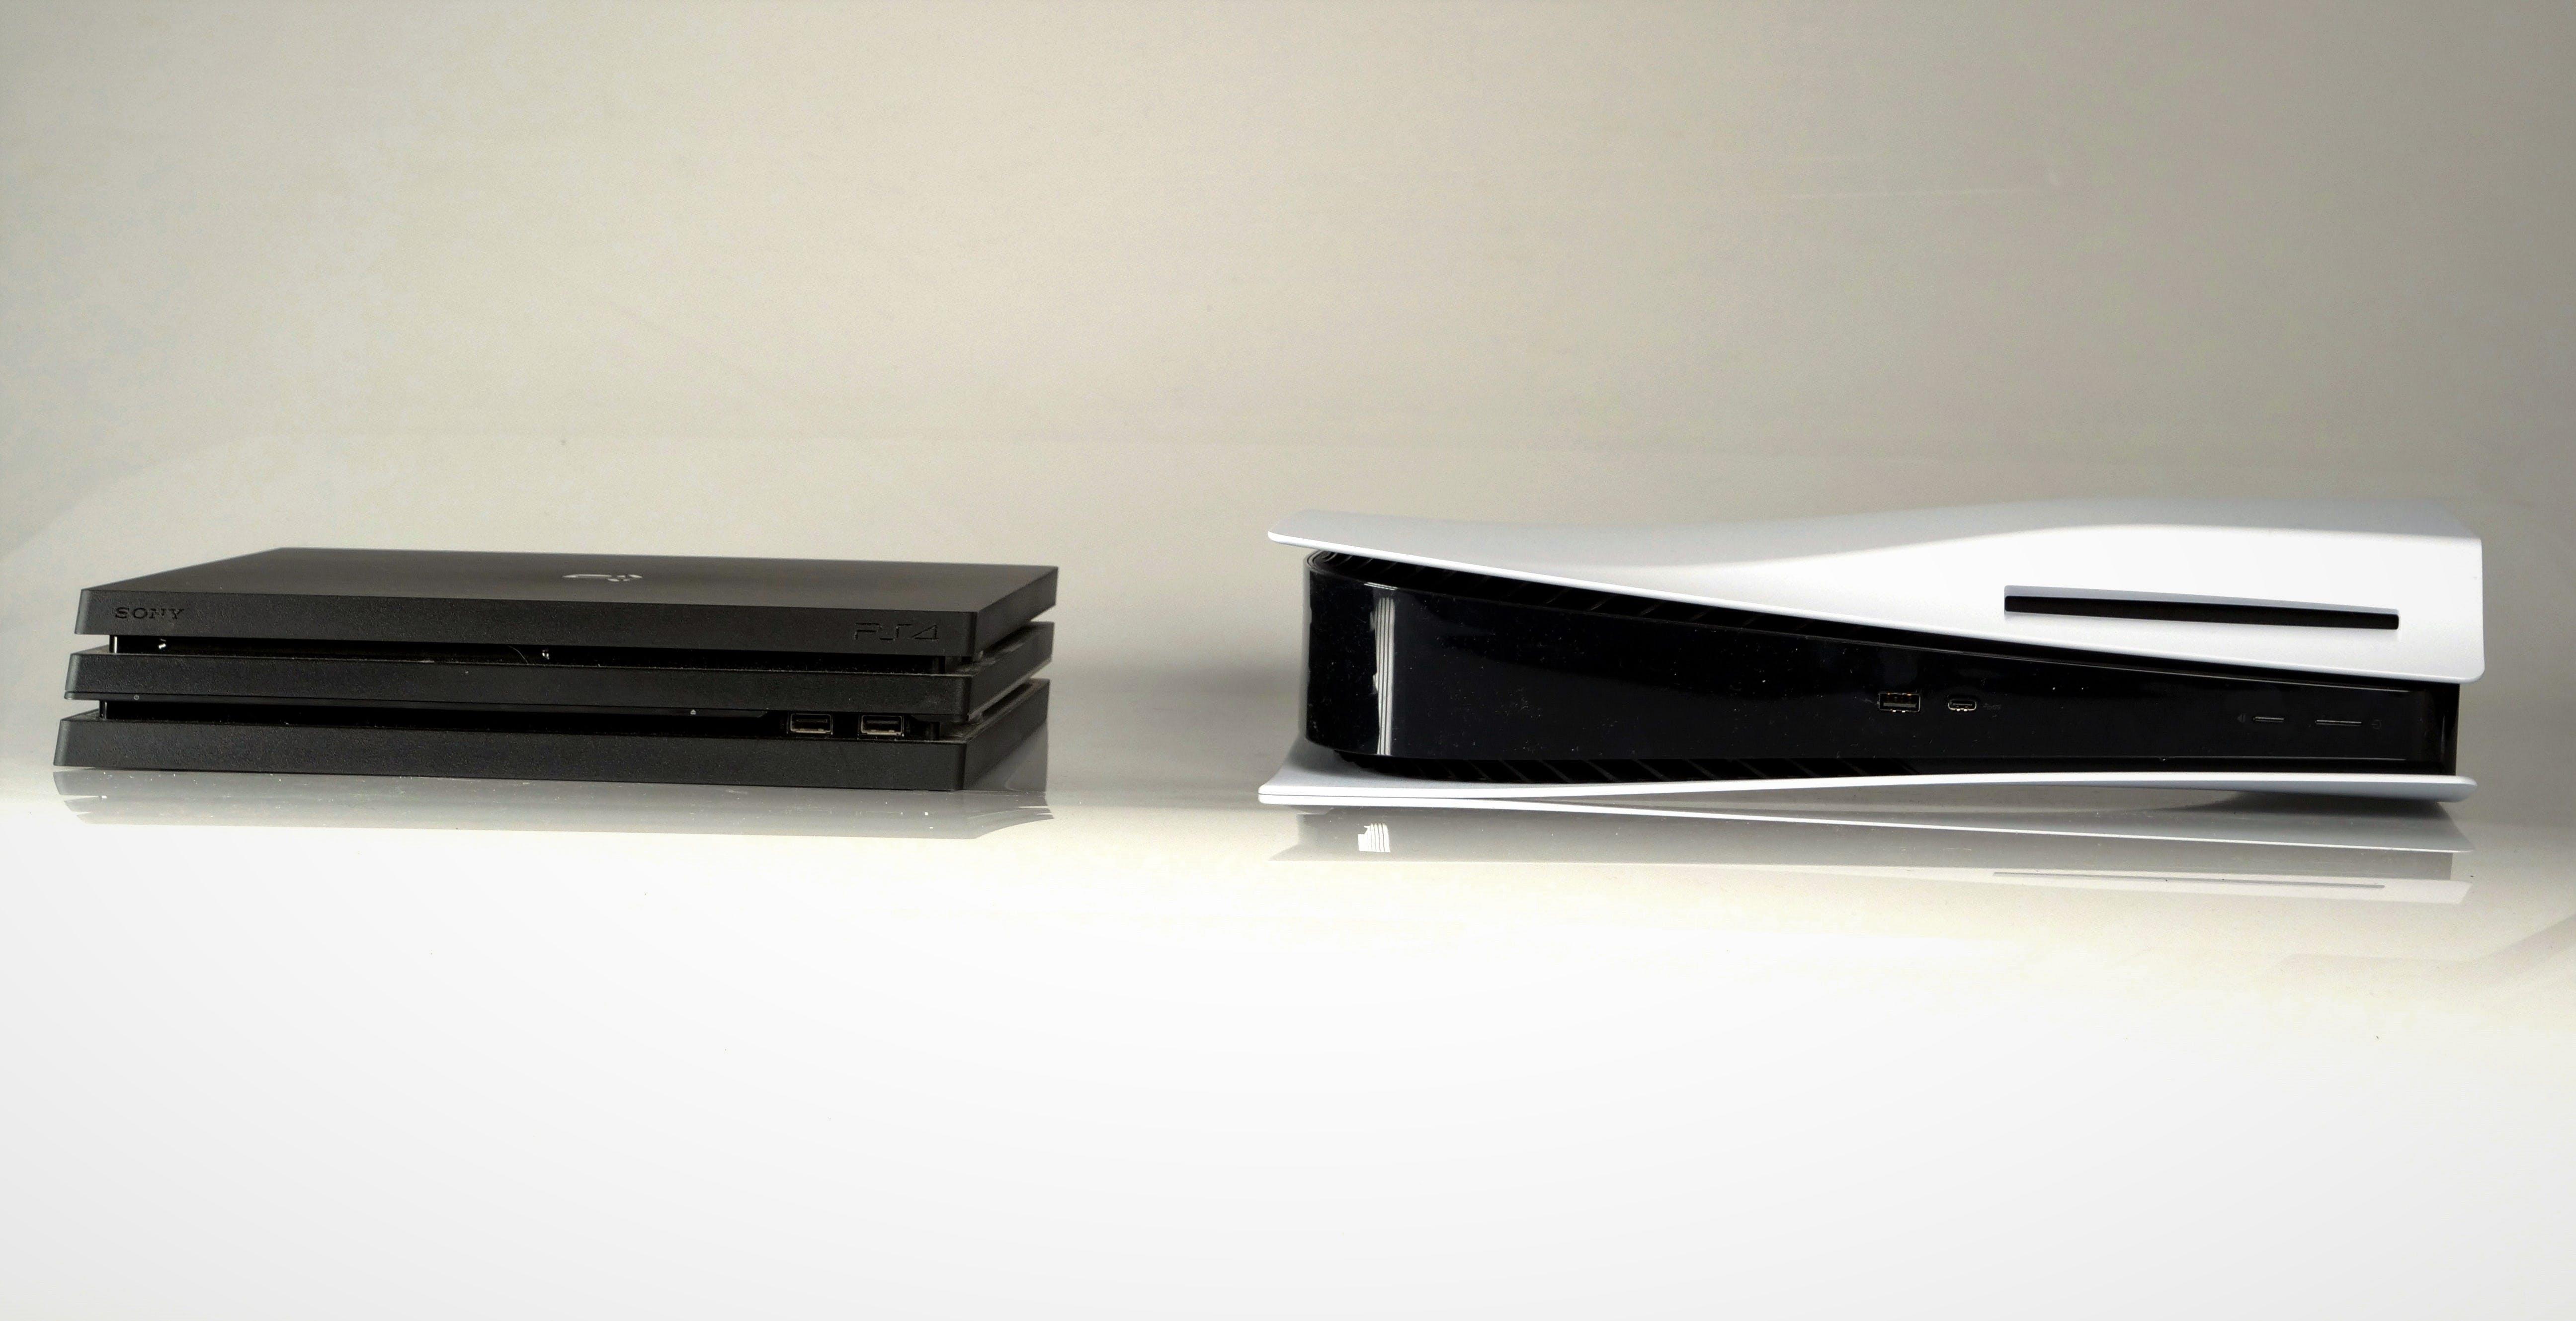 Ecco quanto è grande PS5 rispetto a PS4, PS4 Pro e Xbox Series X